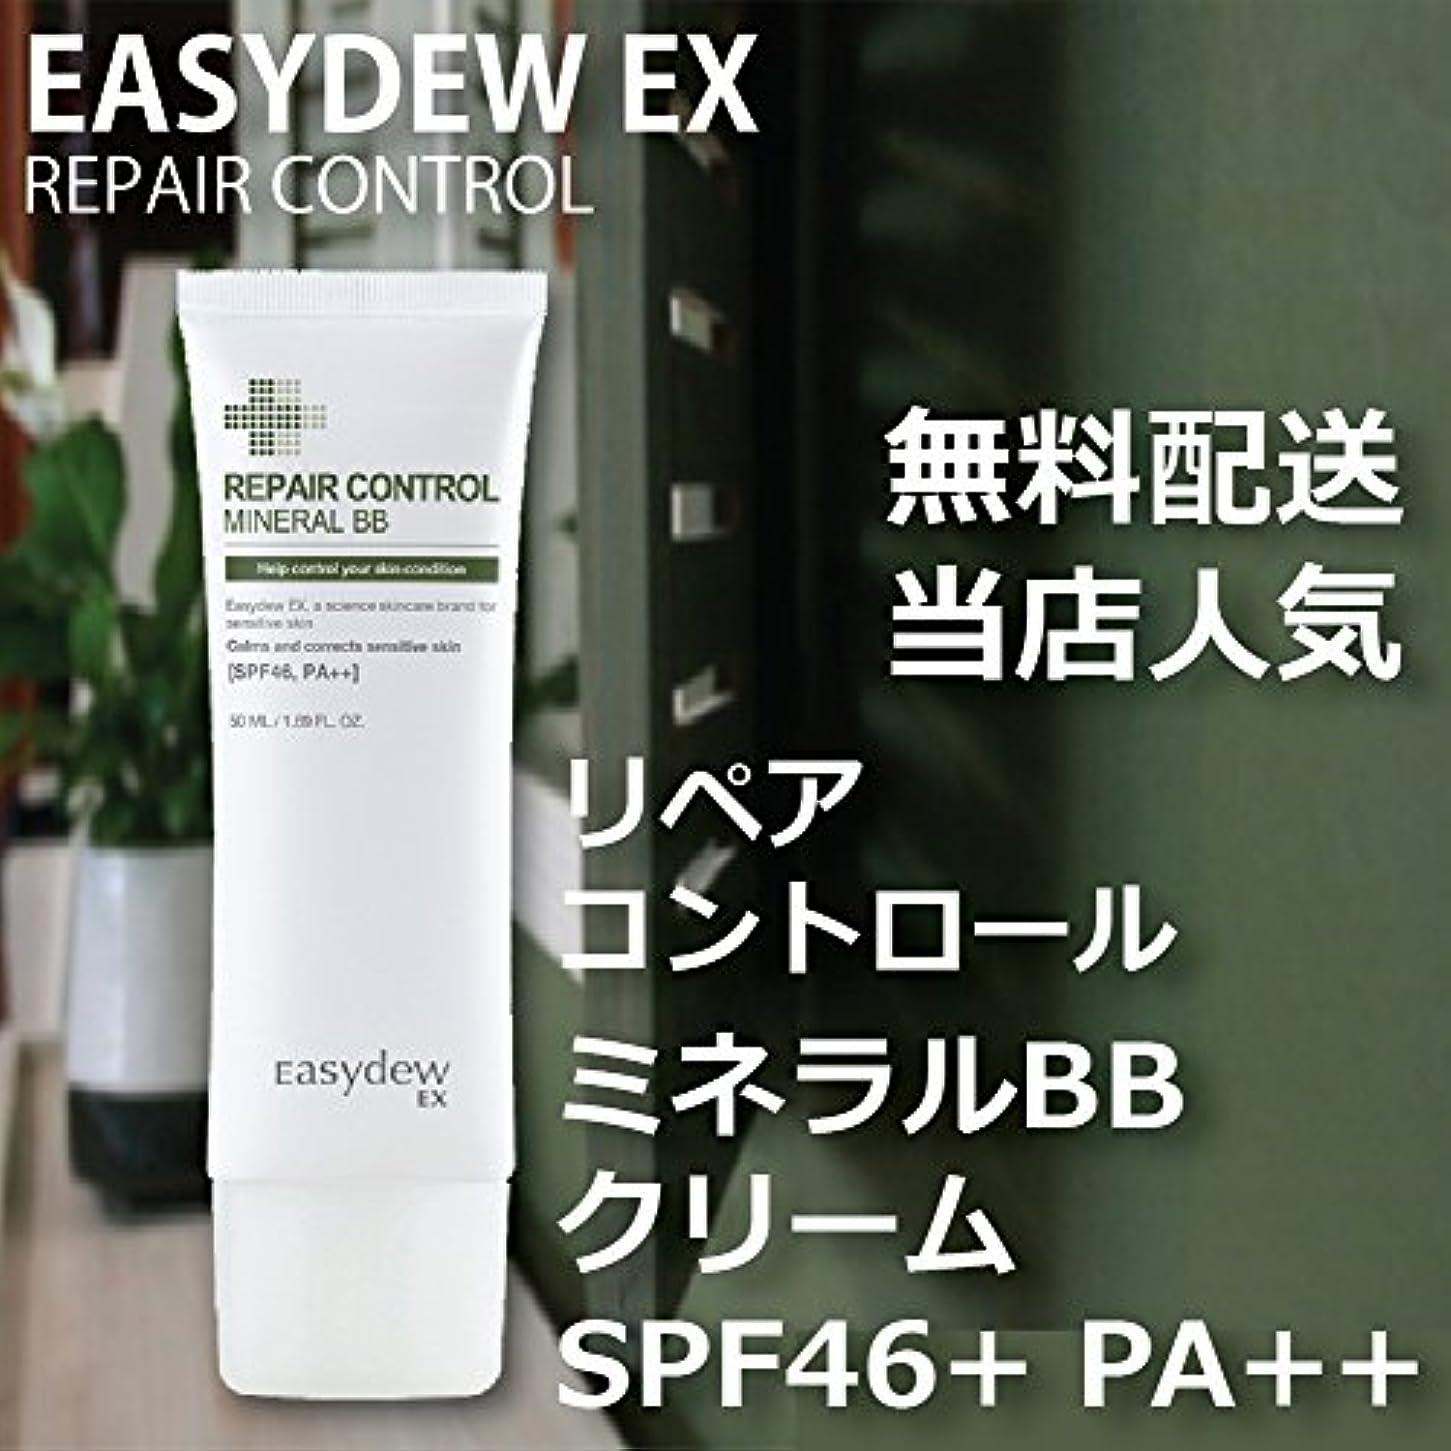 可動音節十代の若者たちEASY DEW EX ミネラル BBクリーム SPF46+ PA++ 50ml MINRAL BB CREAM 韓国 人気 コスメ イージーデュー 敏感 乾燥 美白 しわ 3重機能性